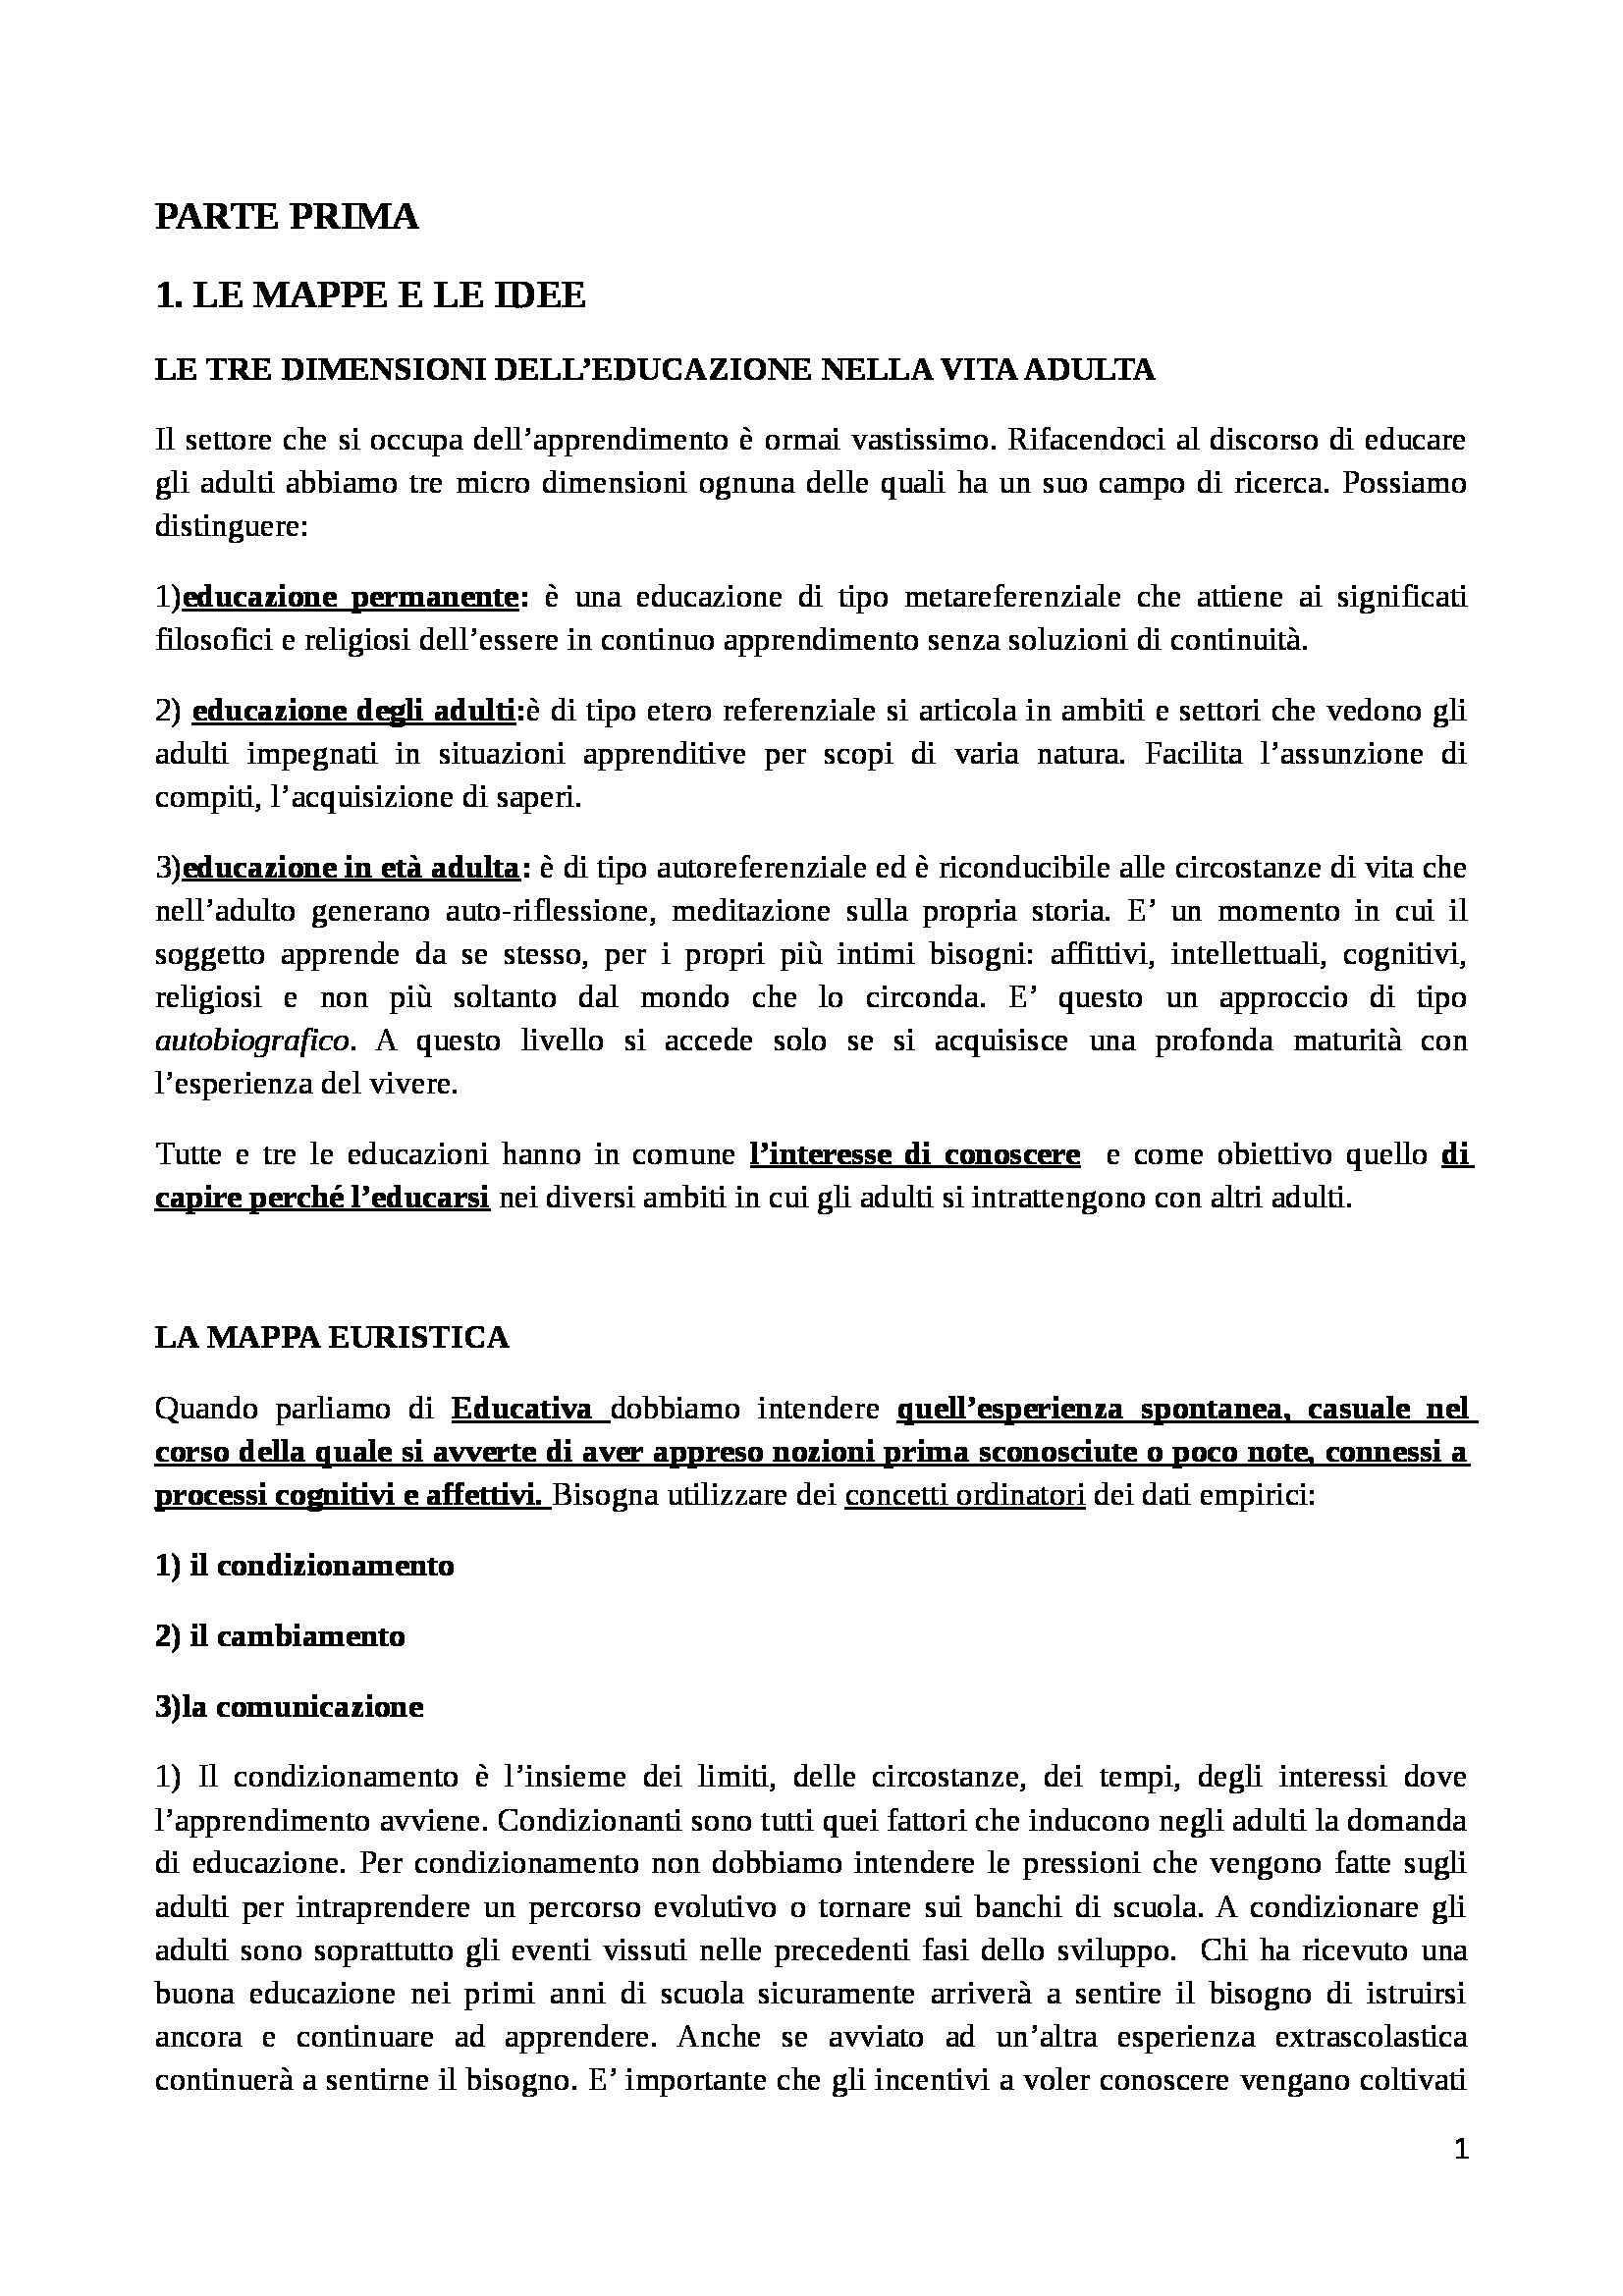 Riassunto esame Educazione degli Adulti, prof. D'Arcangelo, libro consigliato Manuale di Educazione degli Adulti, Demetrio - parte prima